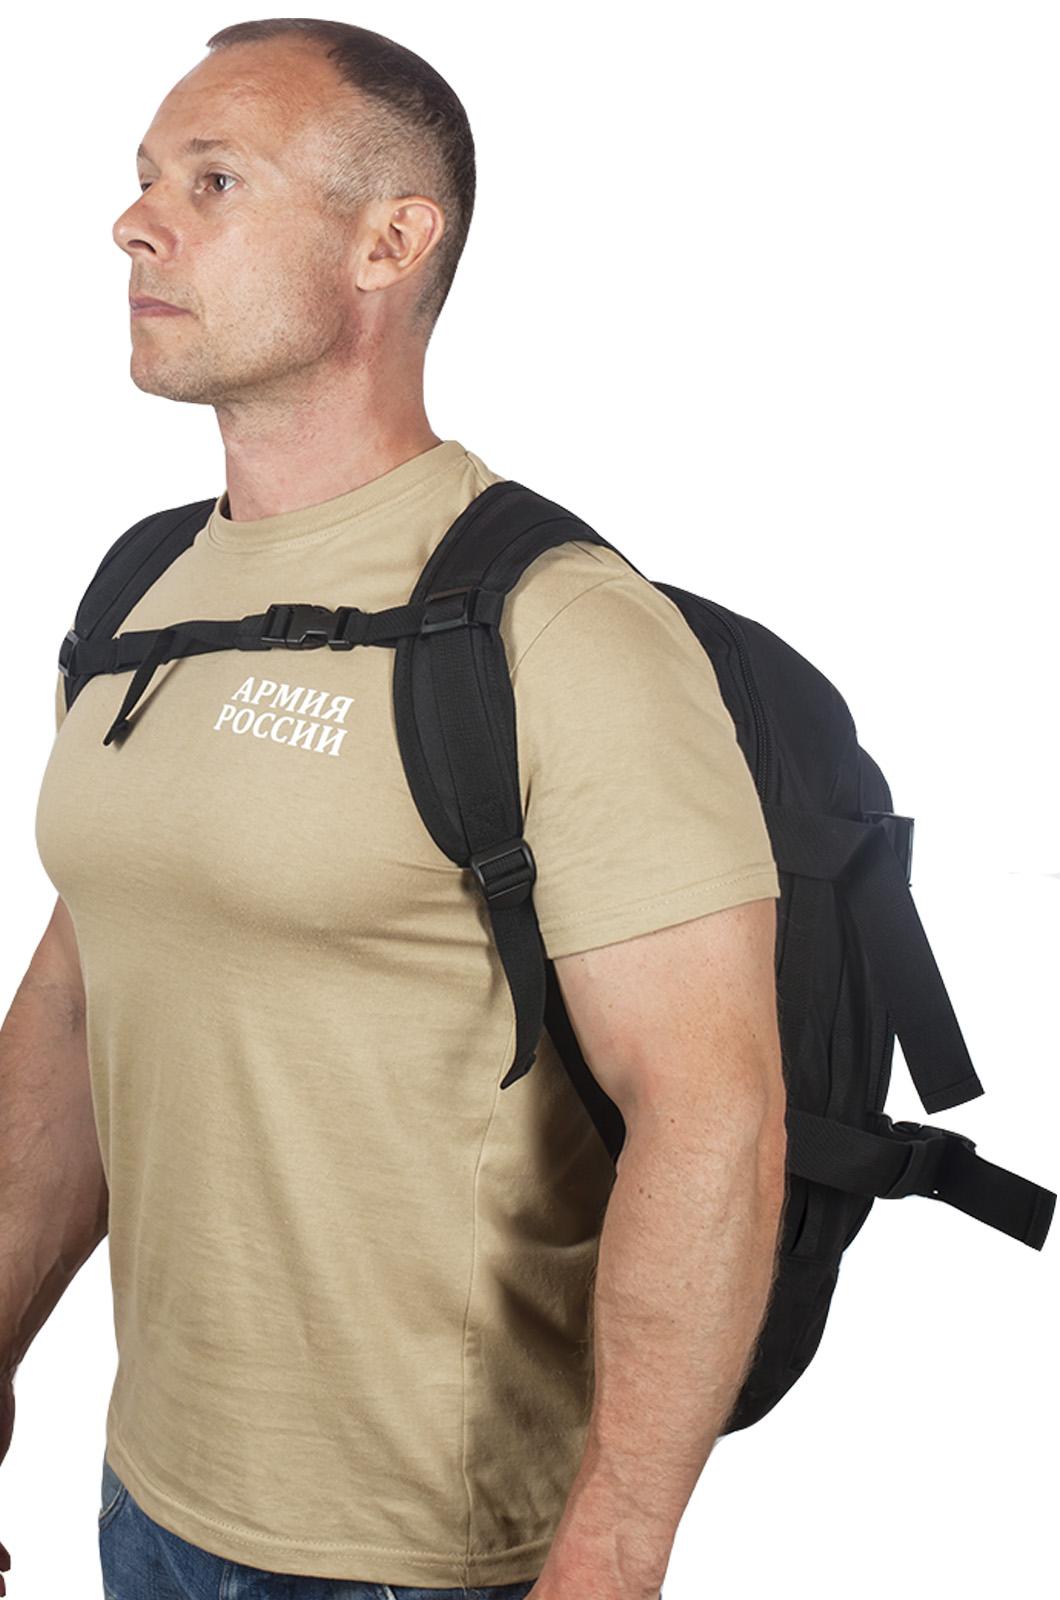 Универсальный охотничий рюкзак с нашивкой Русская Охота - купить выгодно